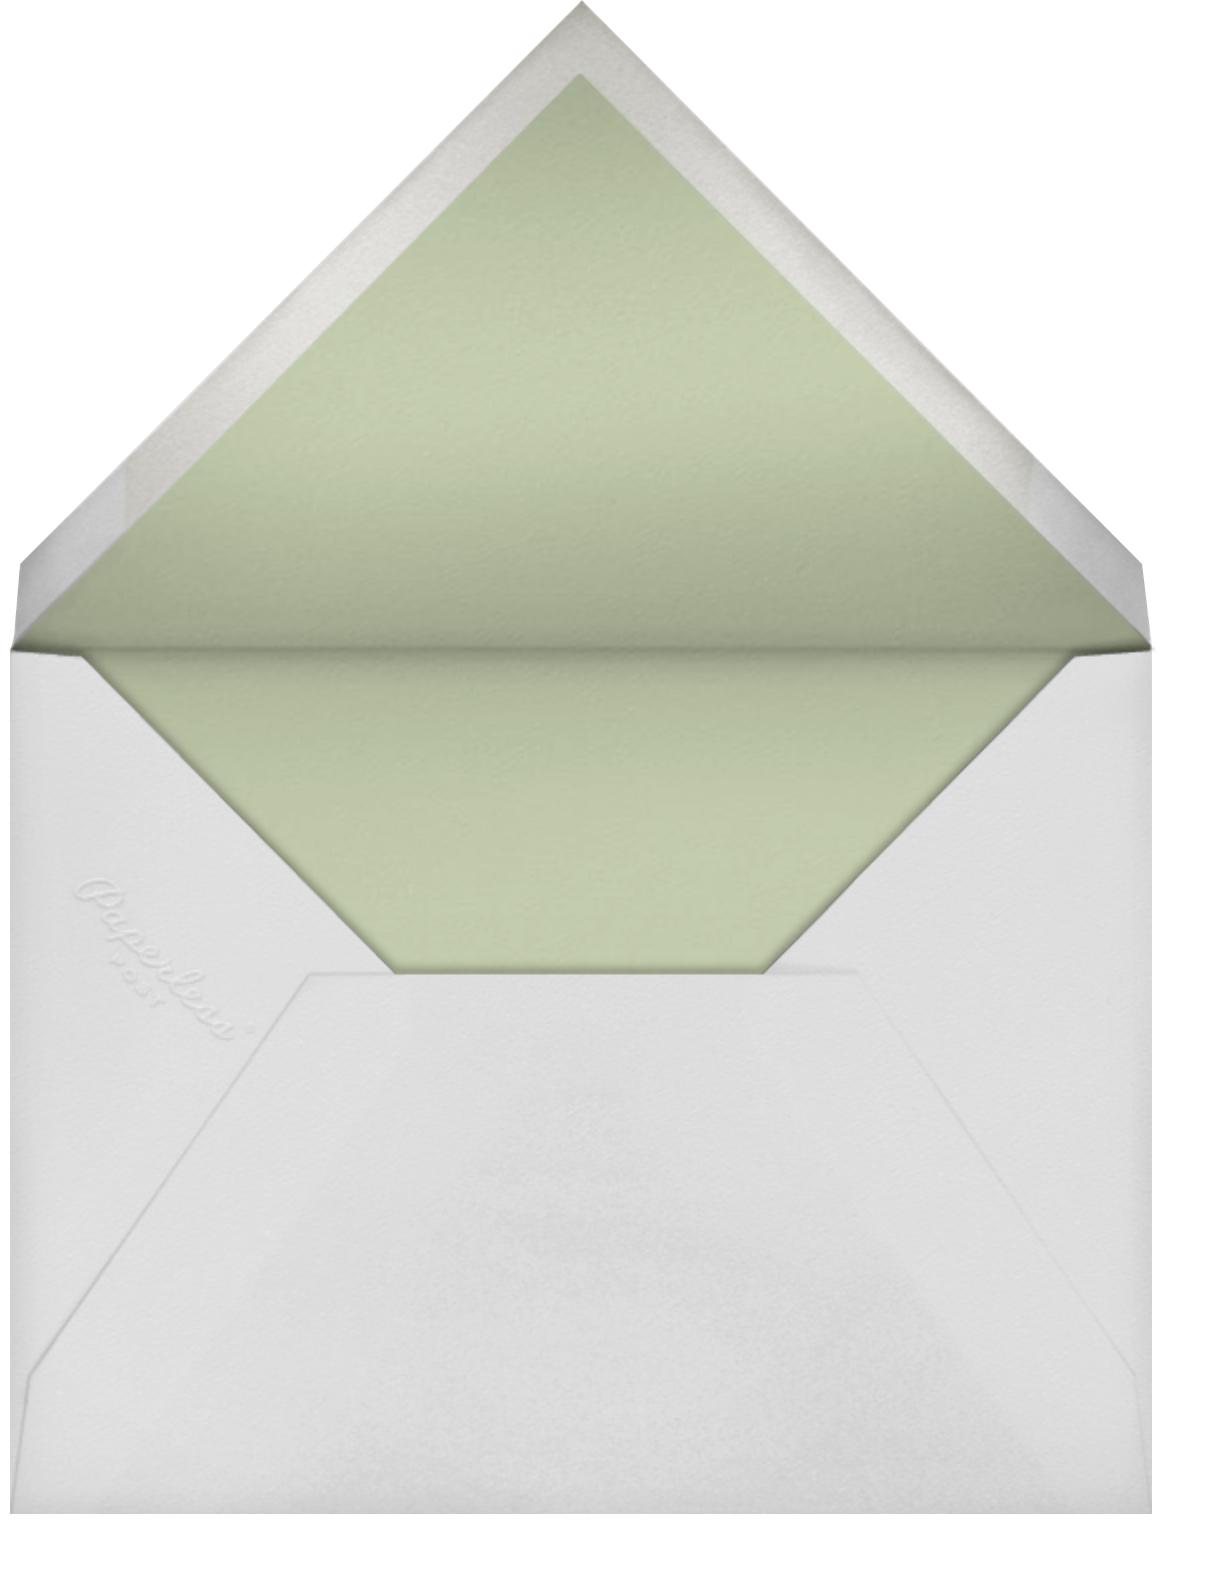 Love Nest (Invitation) - Paperless Post - All - envelope back